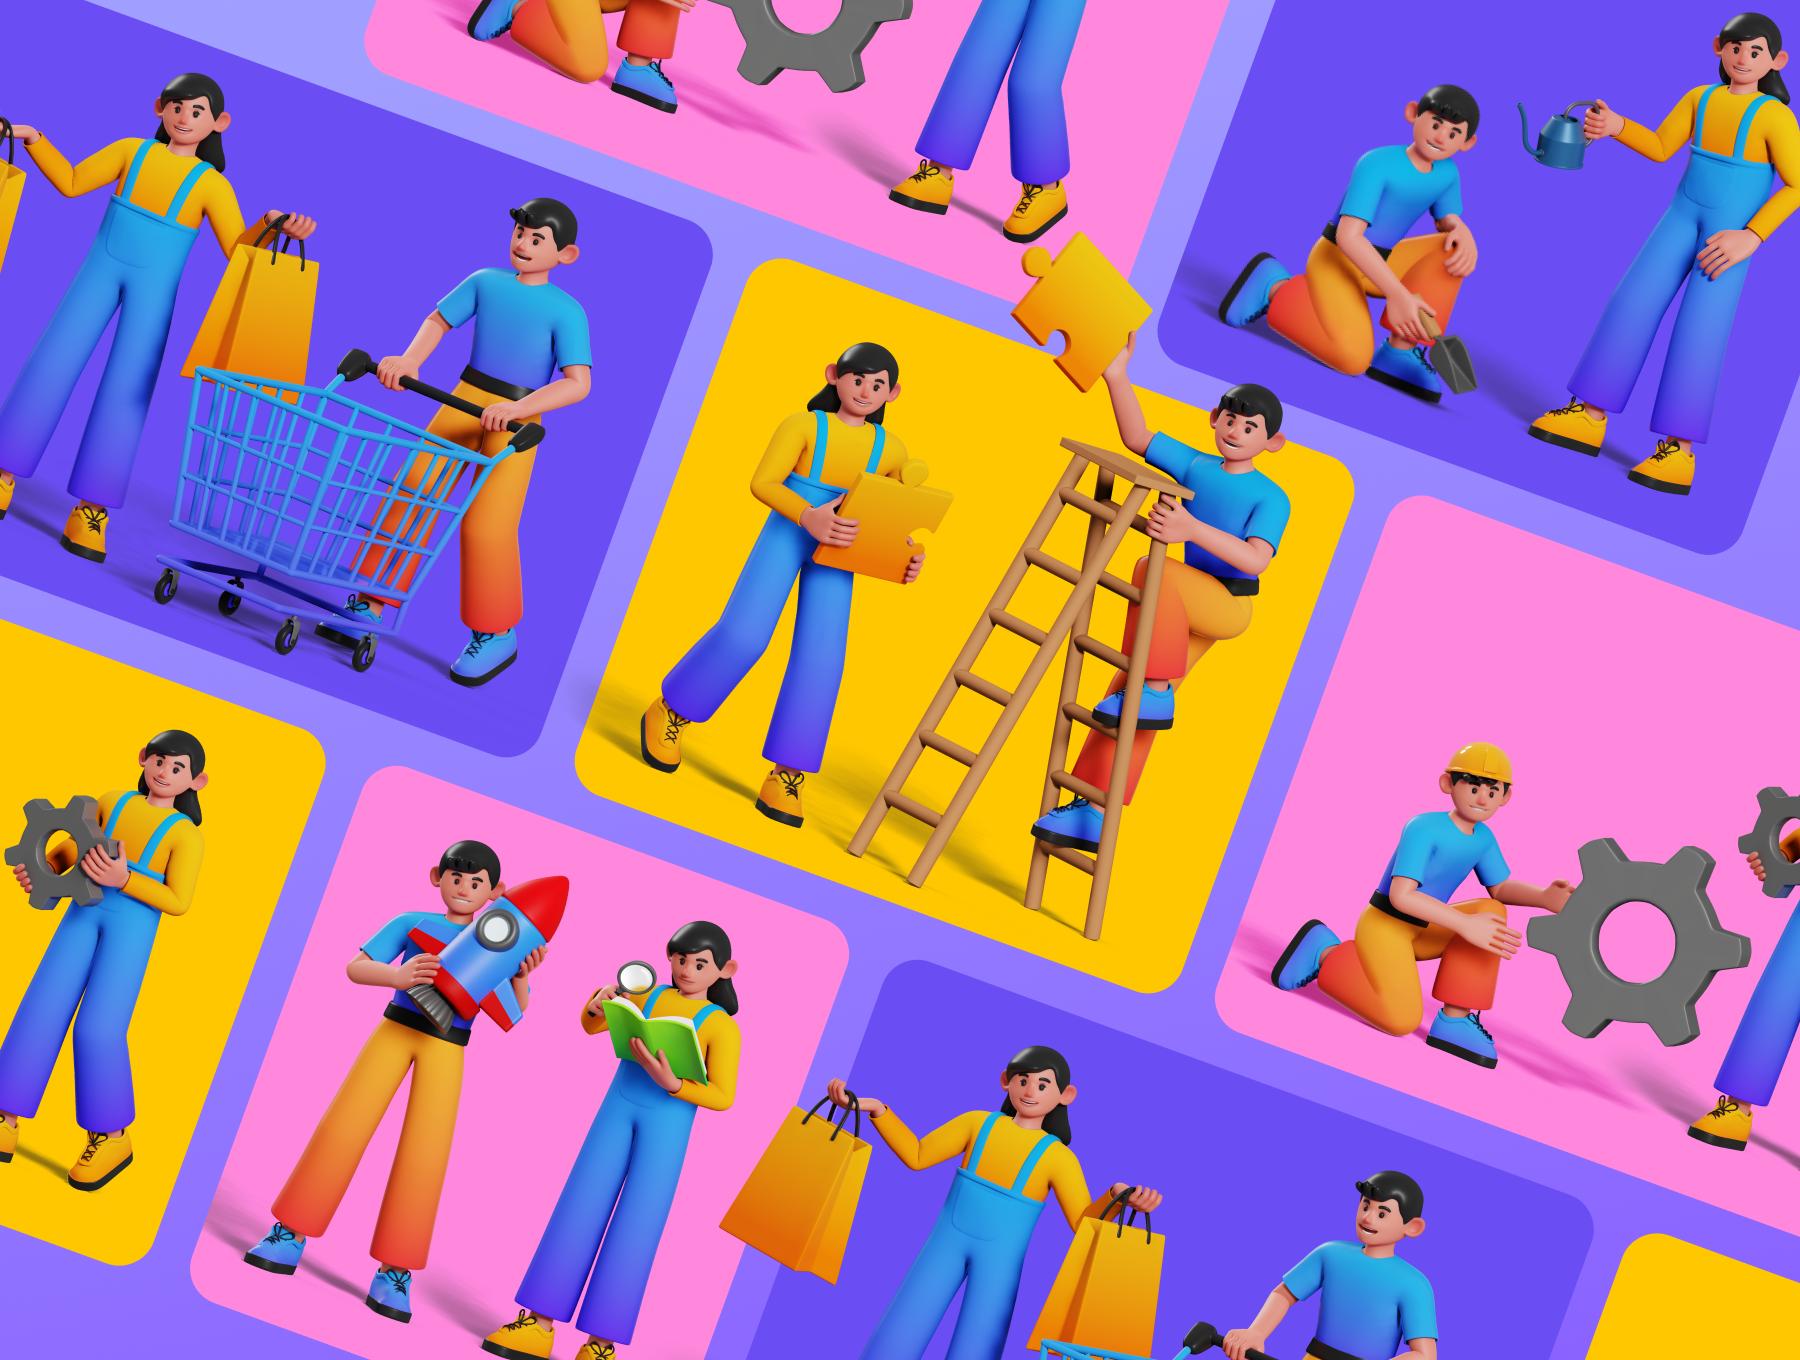 可爱卡通人物购物团队合作元素3D图标插图包 Joe and Jessie 3D Illustrations插图6